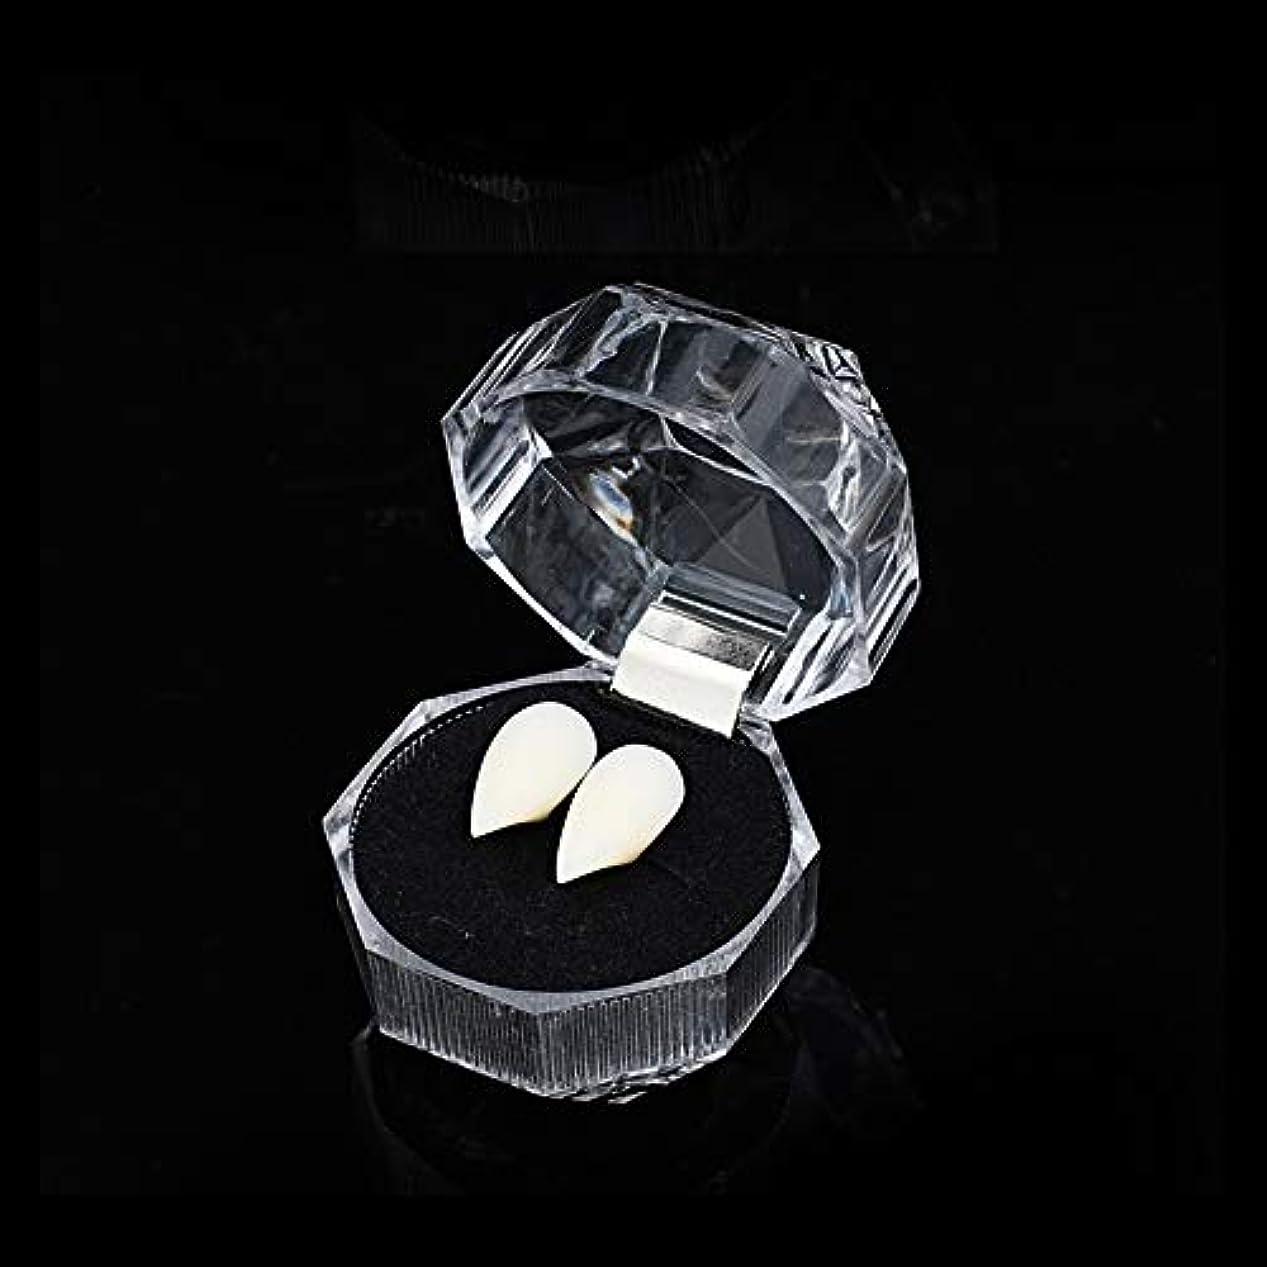 荷物連帯2ピースユニセックスハロウィーン義歯仮面舞踏会の小道具、ロールプレイング偽歯幽霊(13 mm、15 mm、17 mm、19 mm),17mm